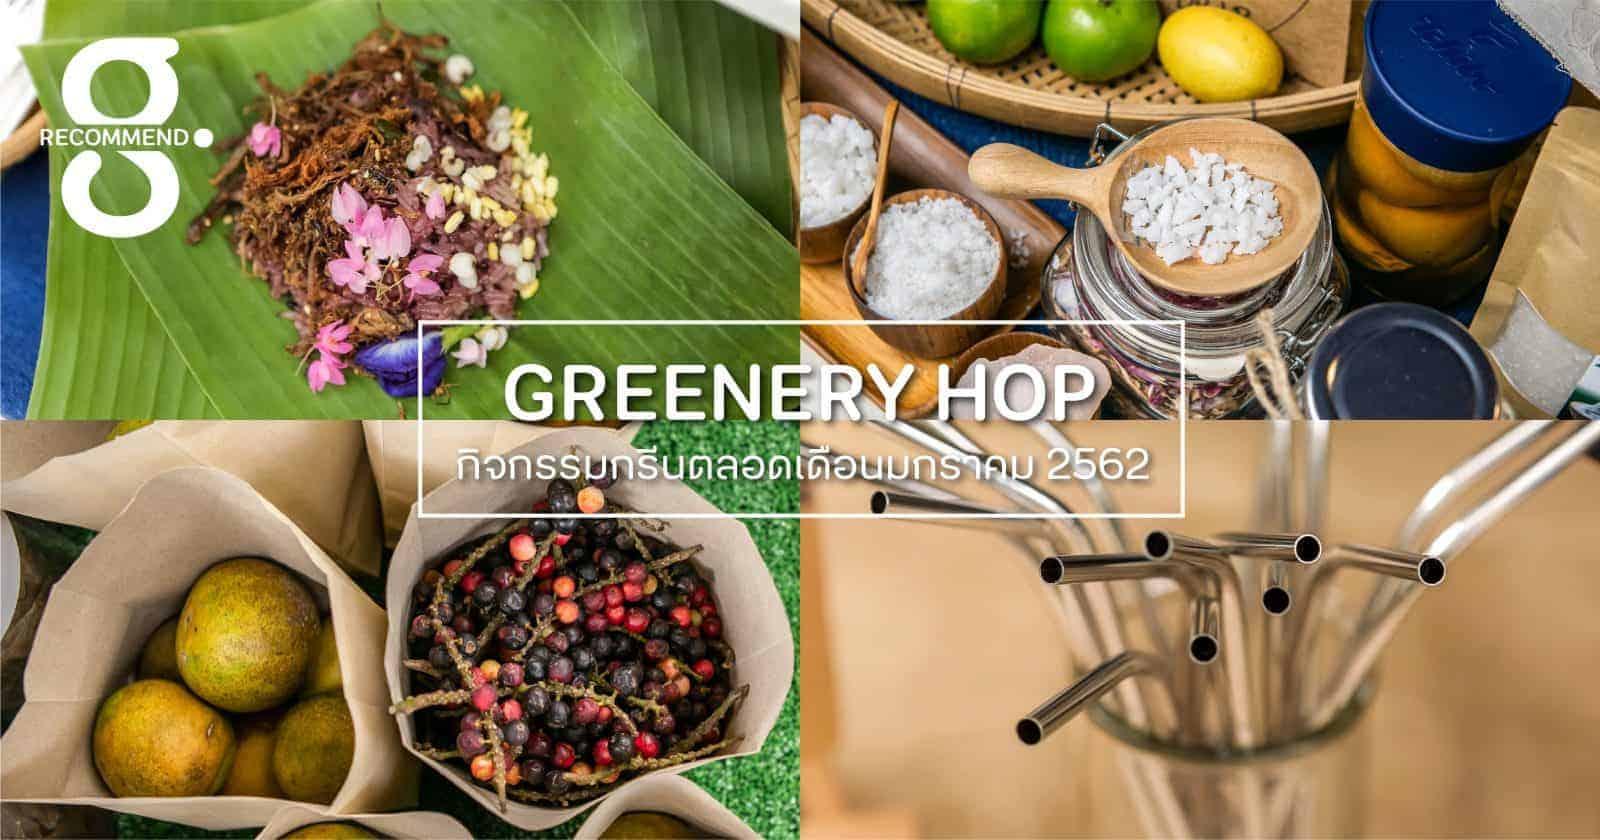 Greenery HOP: ชวนออกไปหาแรงบันดาลใจและรับพลังกรีนๆ ในช่วงเปิดศักราชแรกของปีกัน